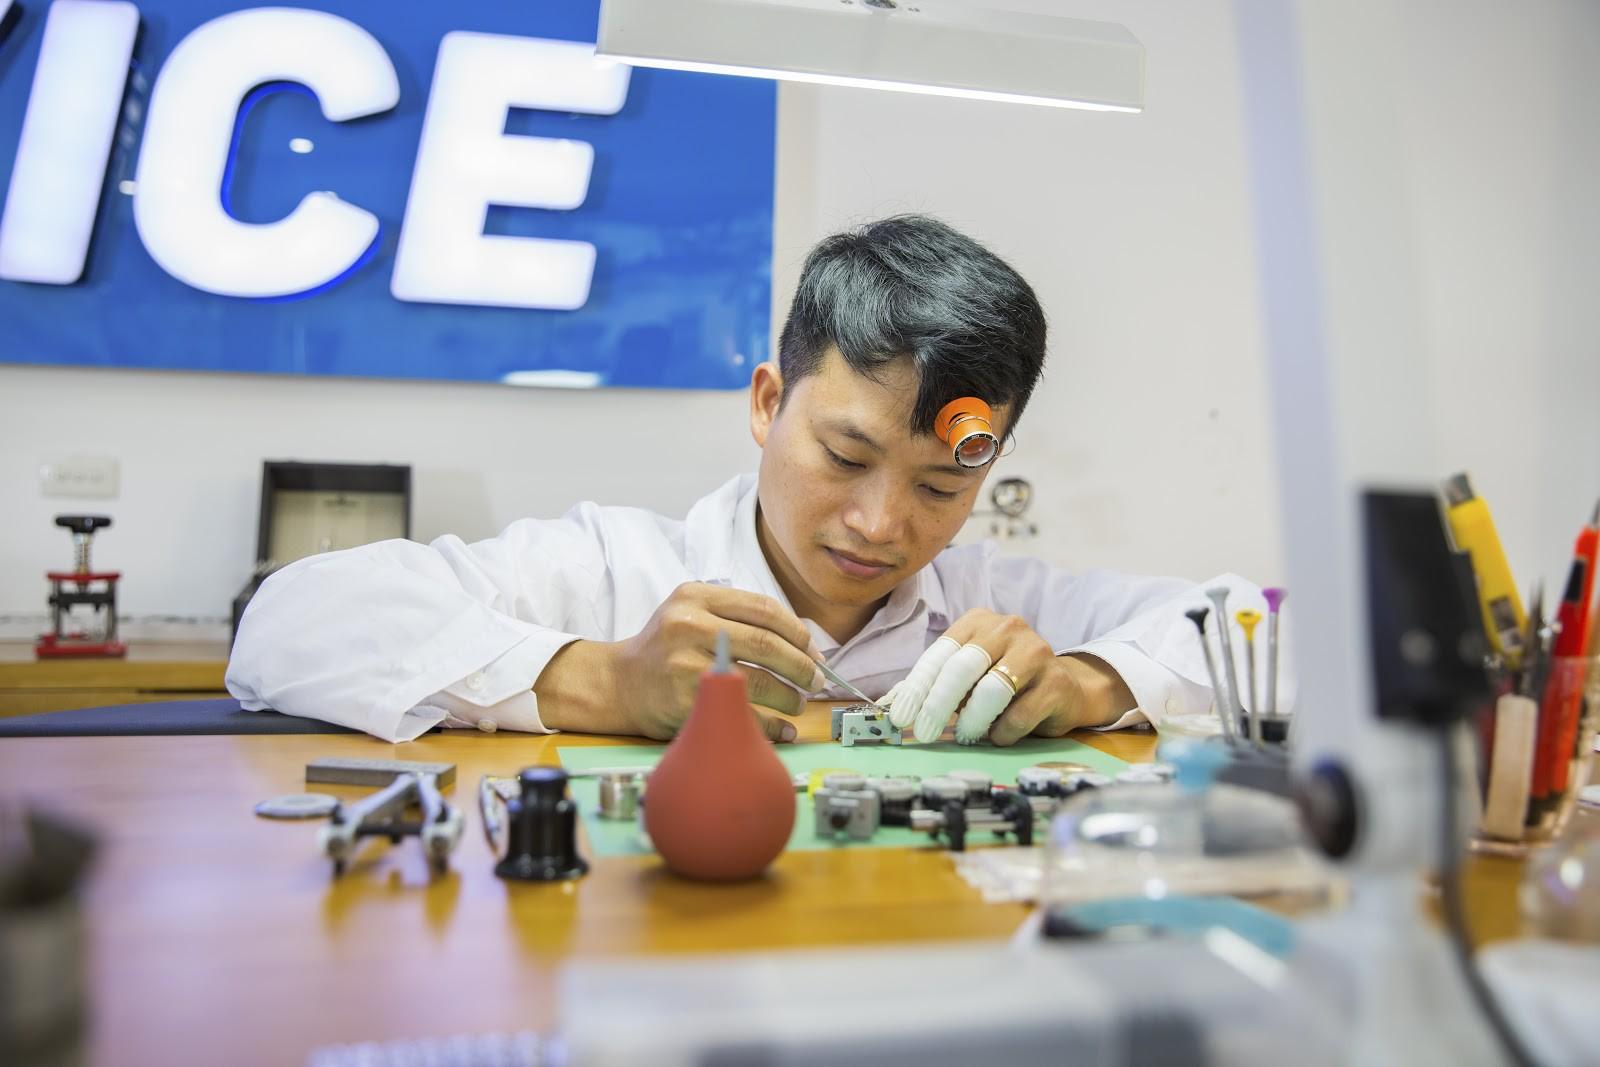 """Thẩm định đồng hồ ở Hà Nội: """"Lật mặt"""" đồng hồ giả siêu tinh vi, giống thật 99% - Ảnh 4."""